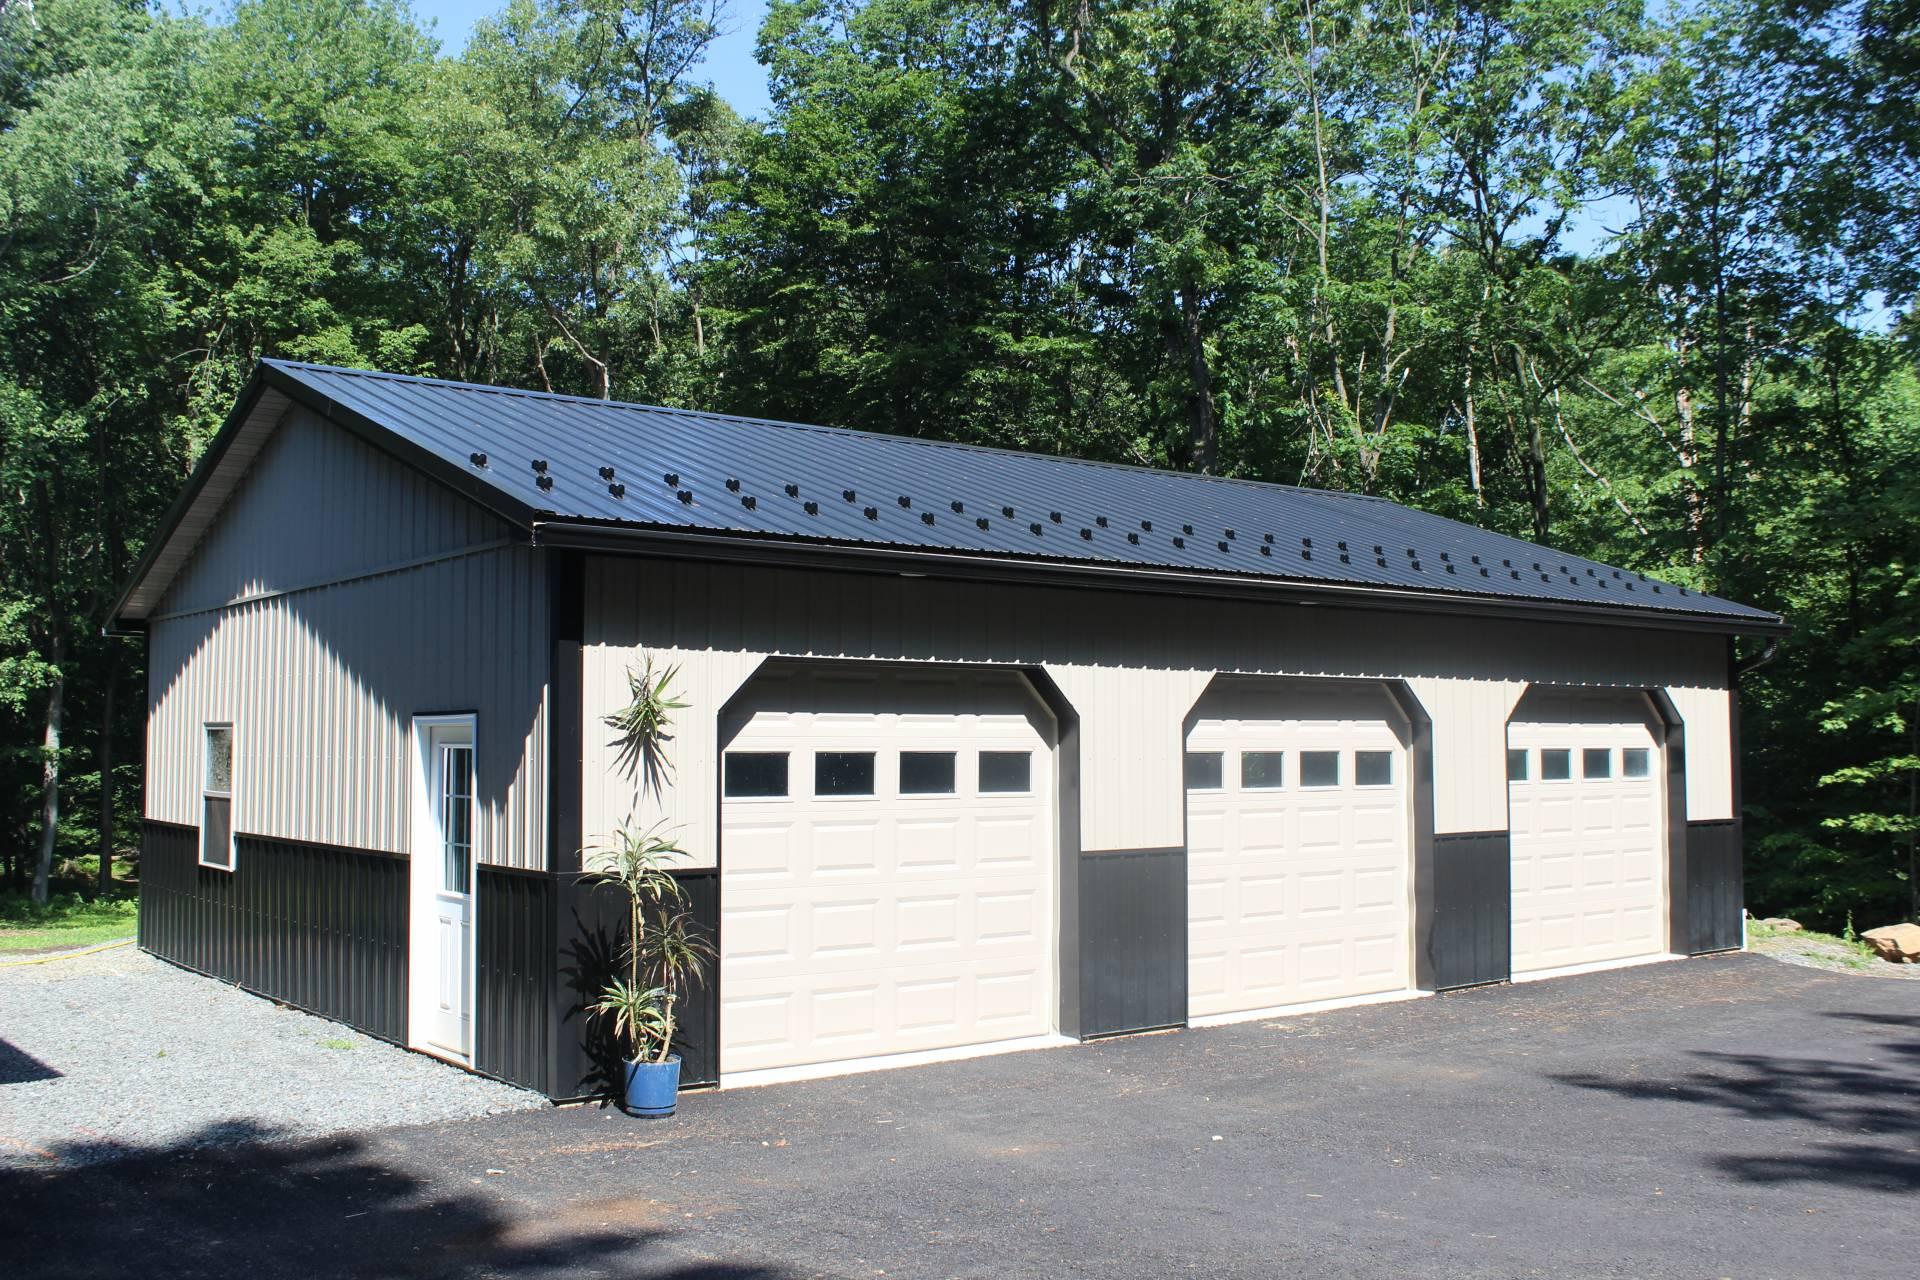 The Metal Buildings need maintenance